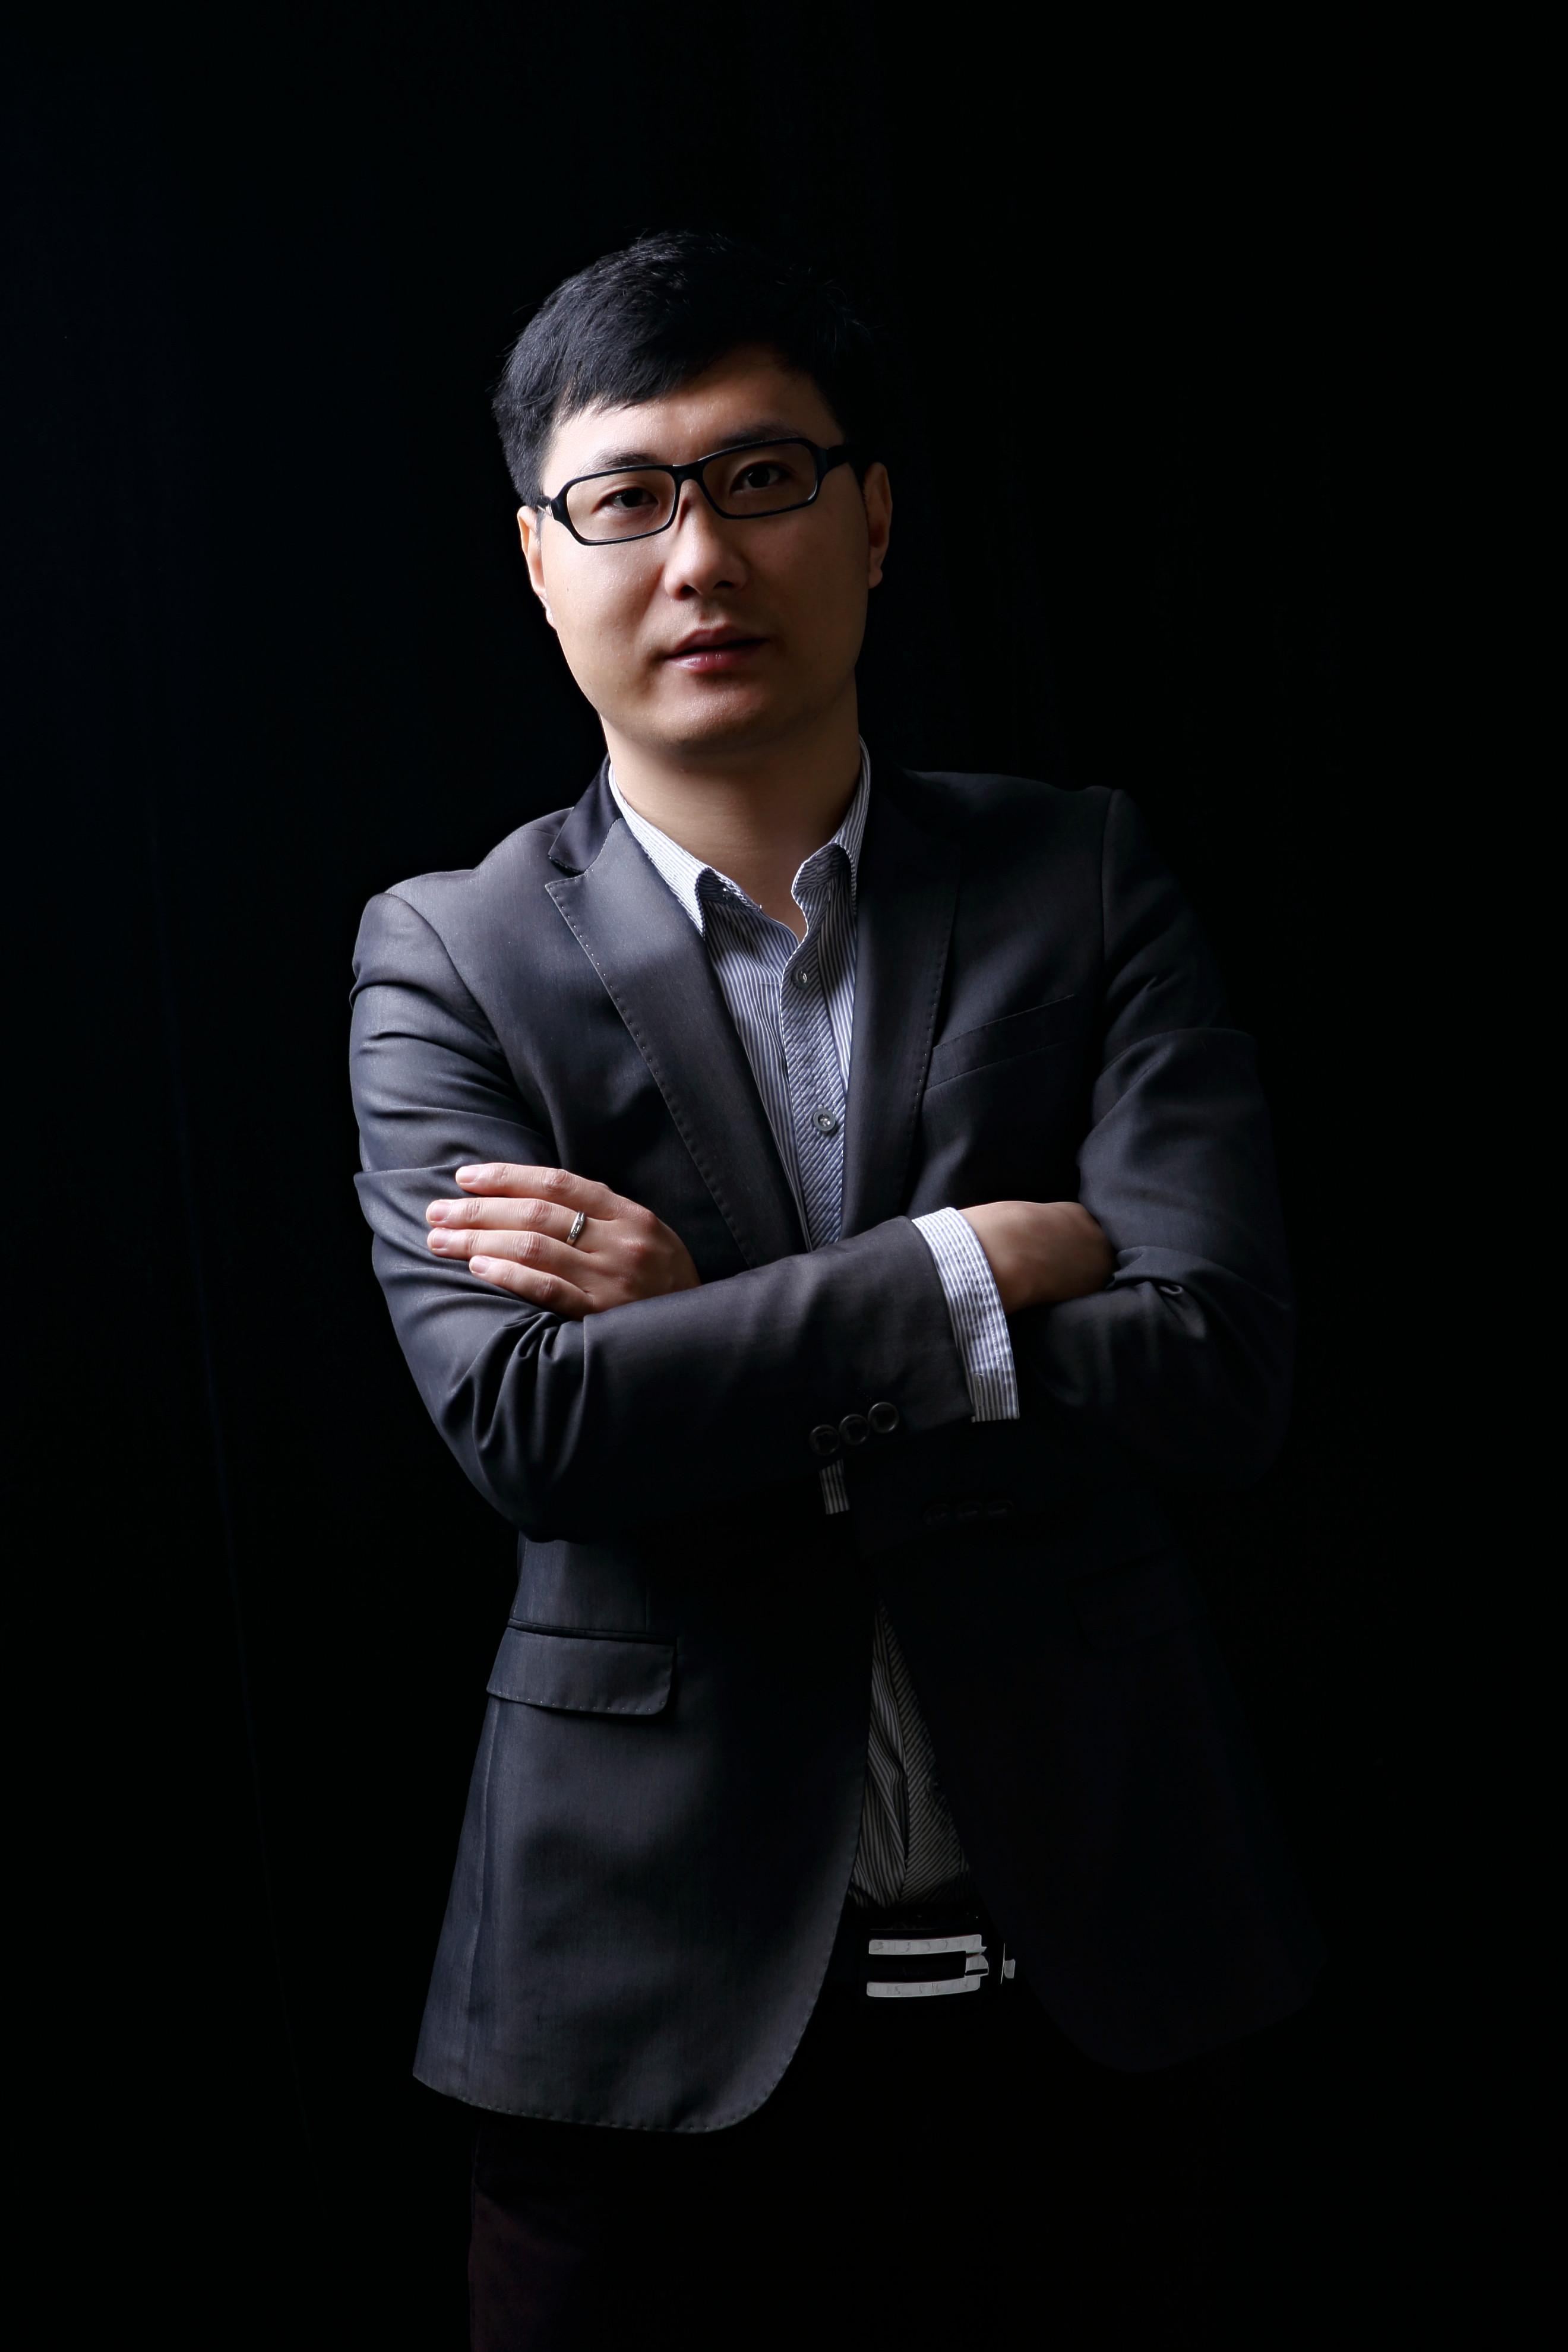 锦华装饰设计师-徐国平